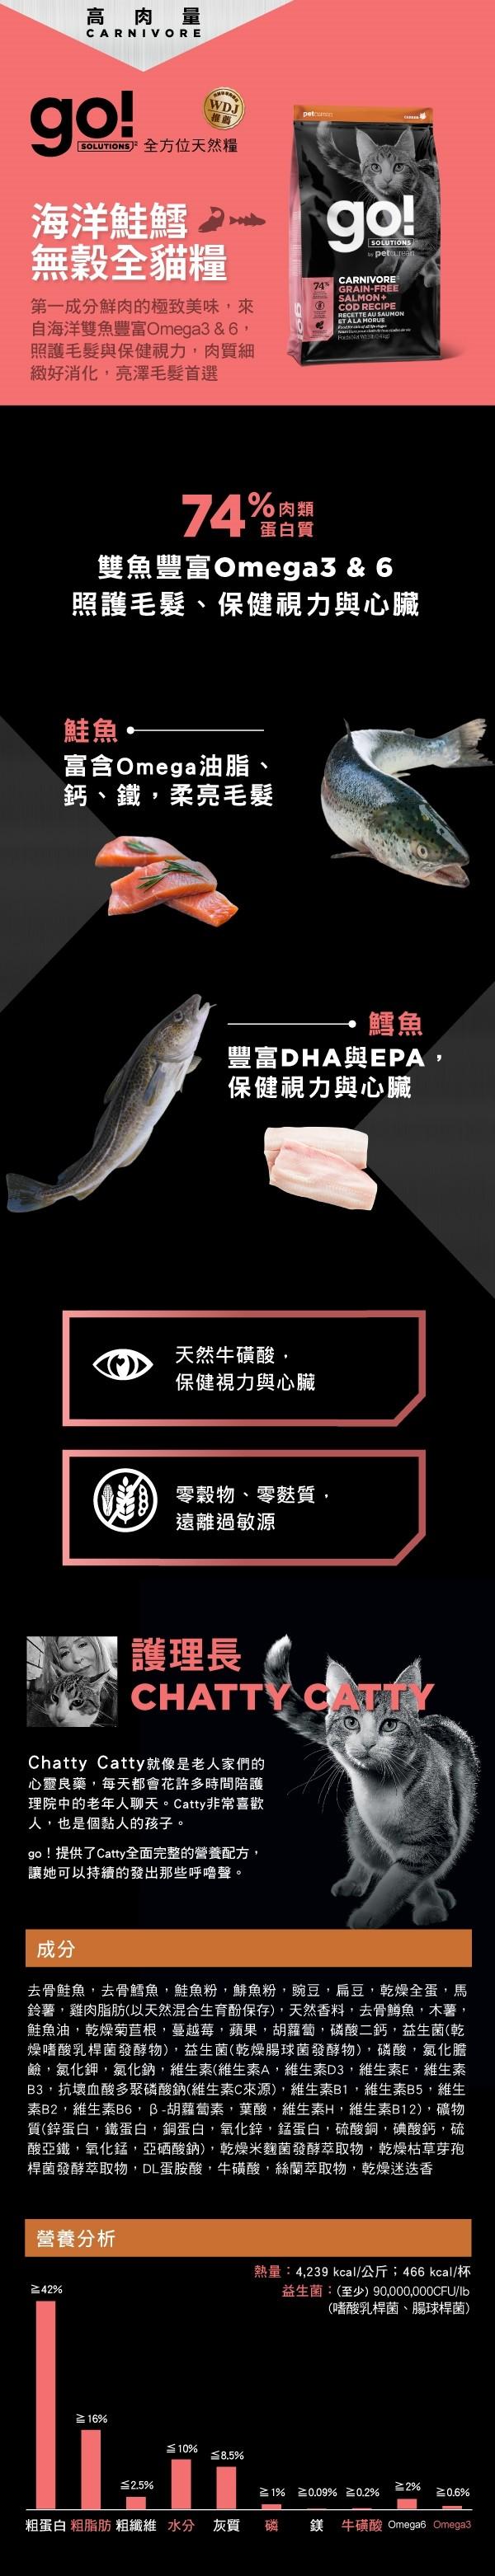 【Go】海洋鲑鱈無穀全貓糧8lb/16lb